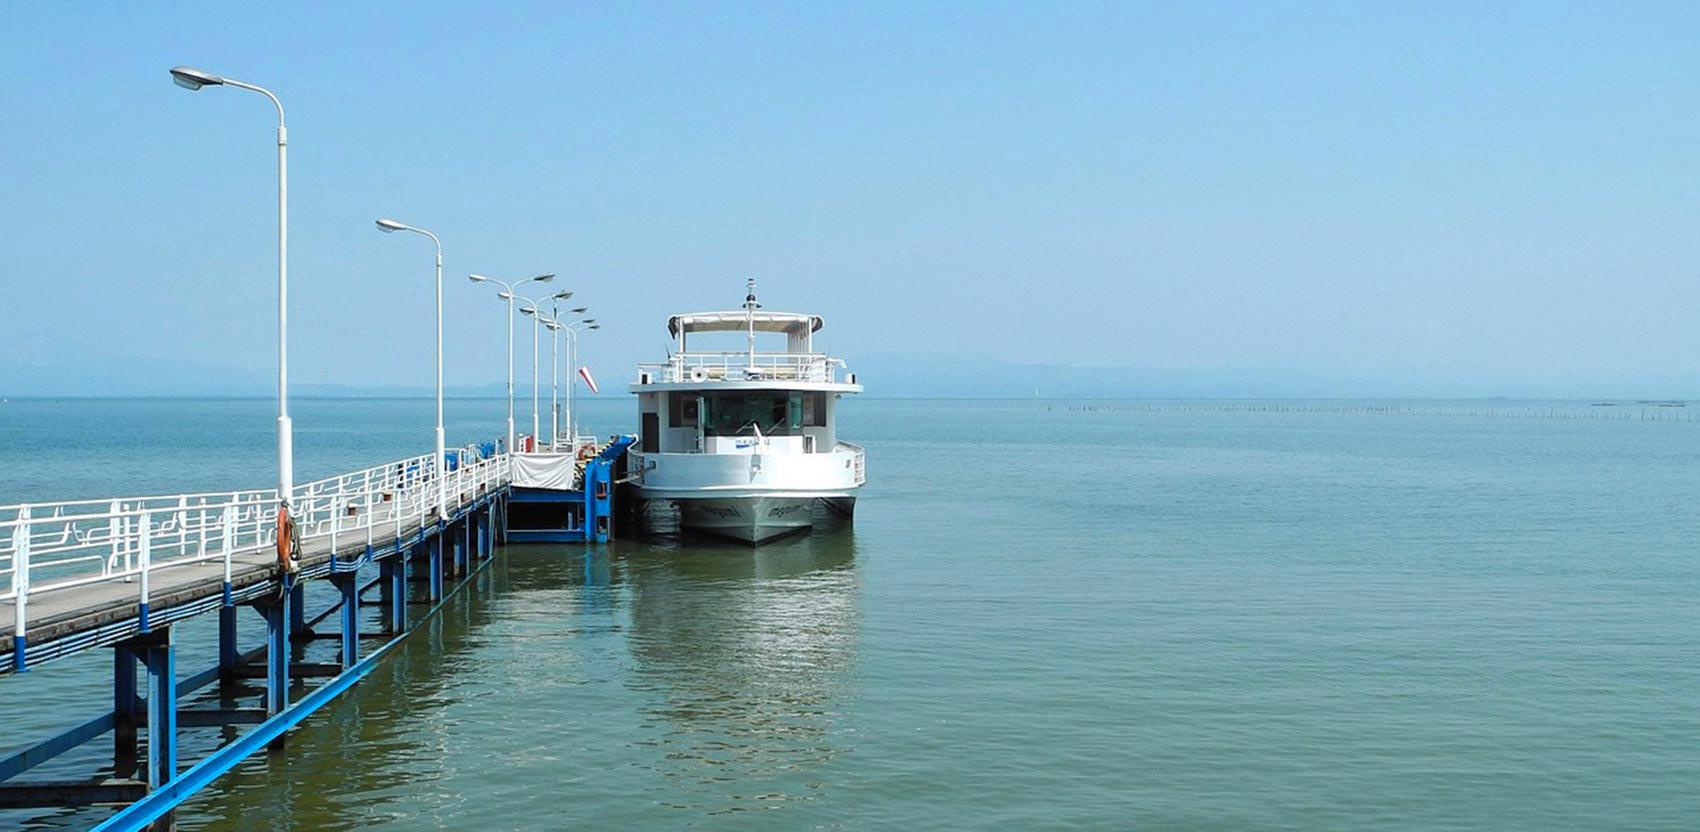 Gite sul lago di Garda